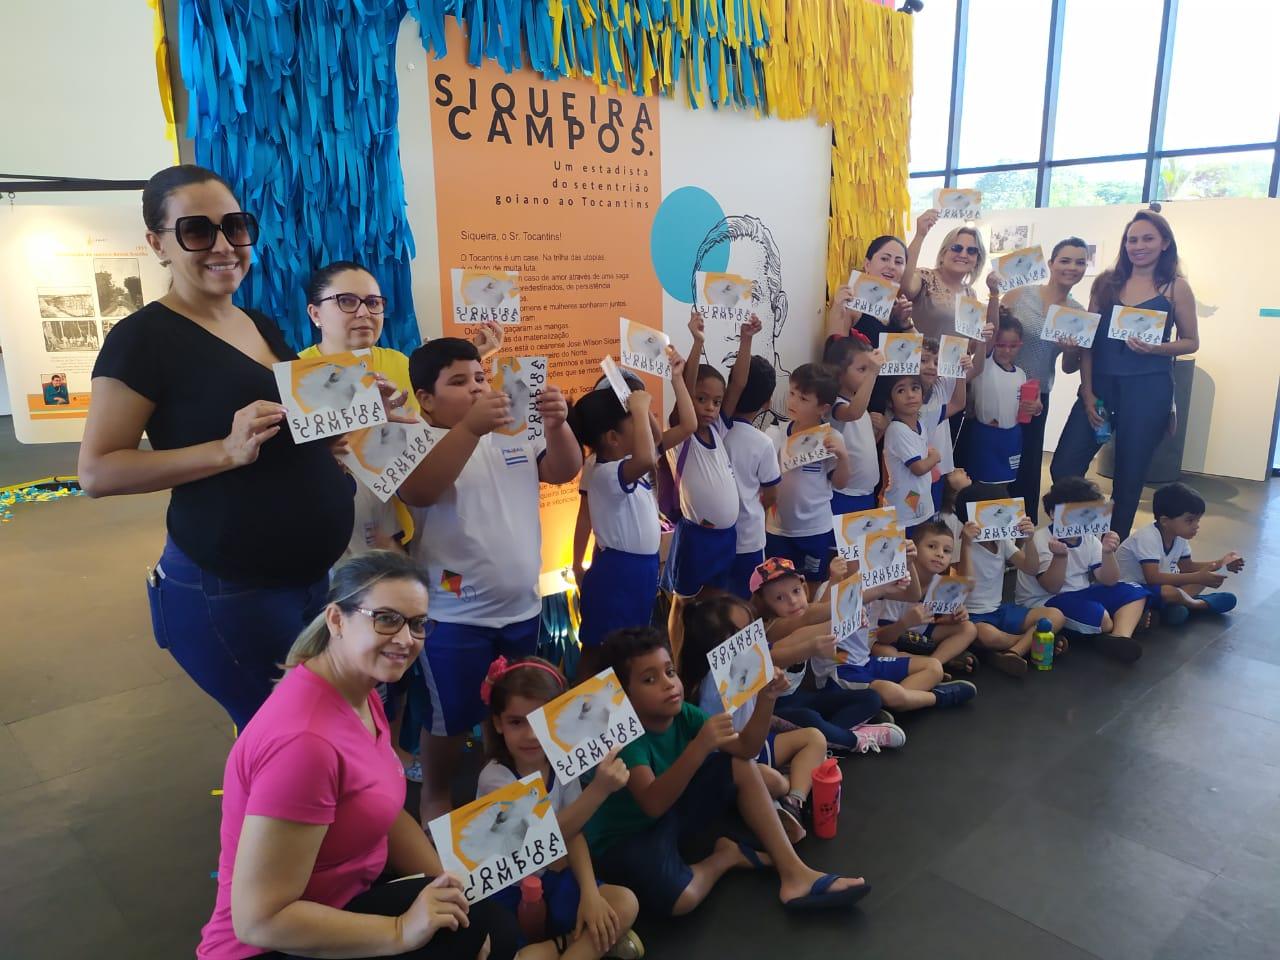 Exposição Siqueira Campos encerra nesta sexta-feira, 28